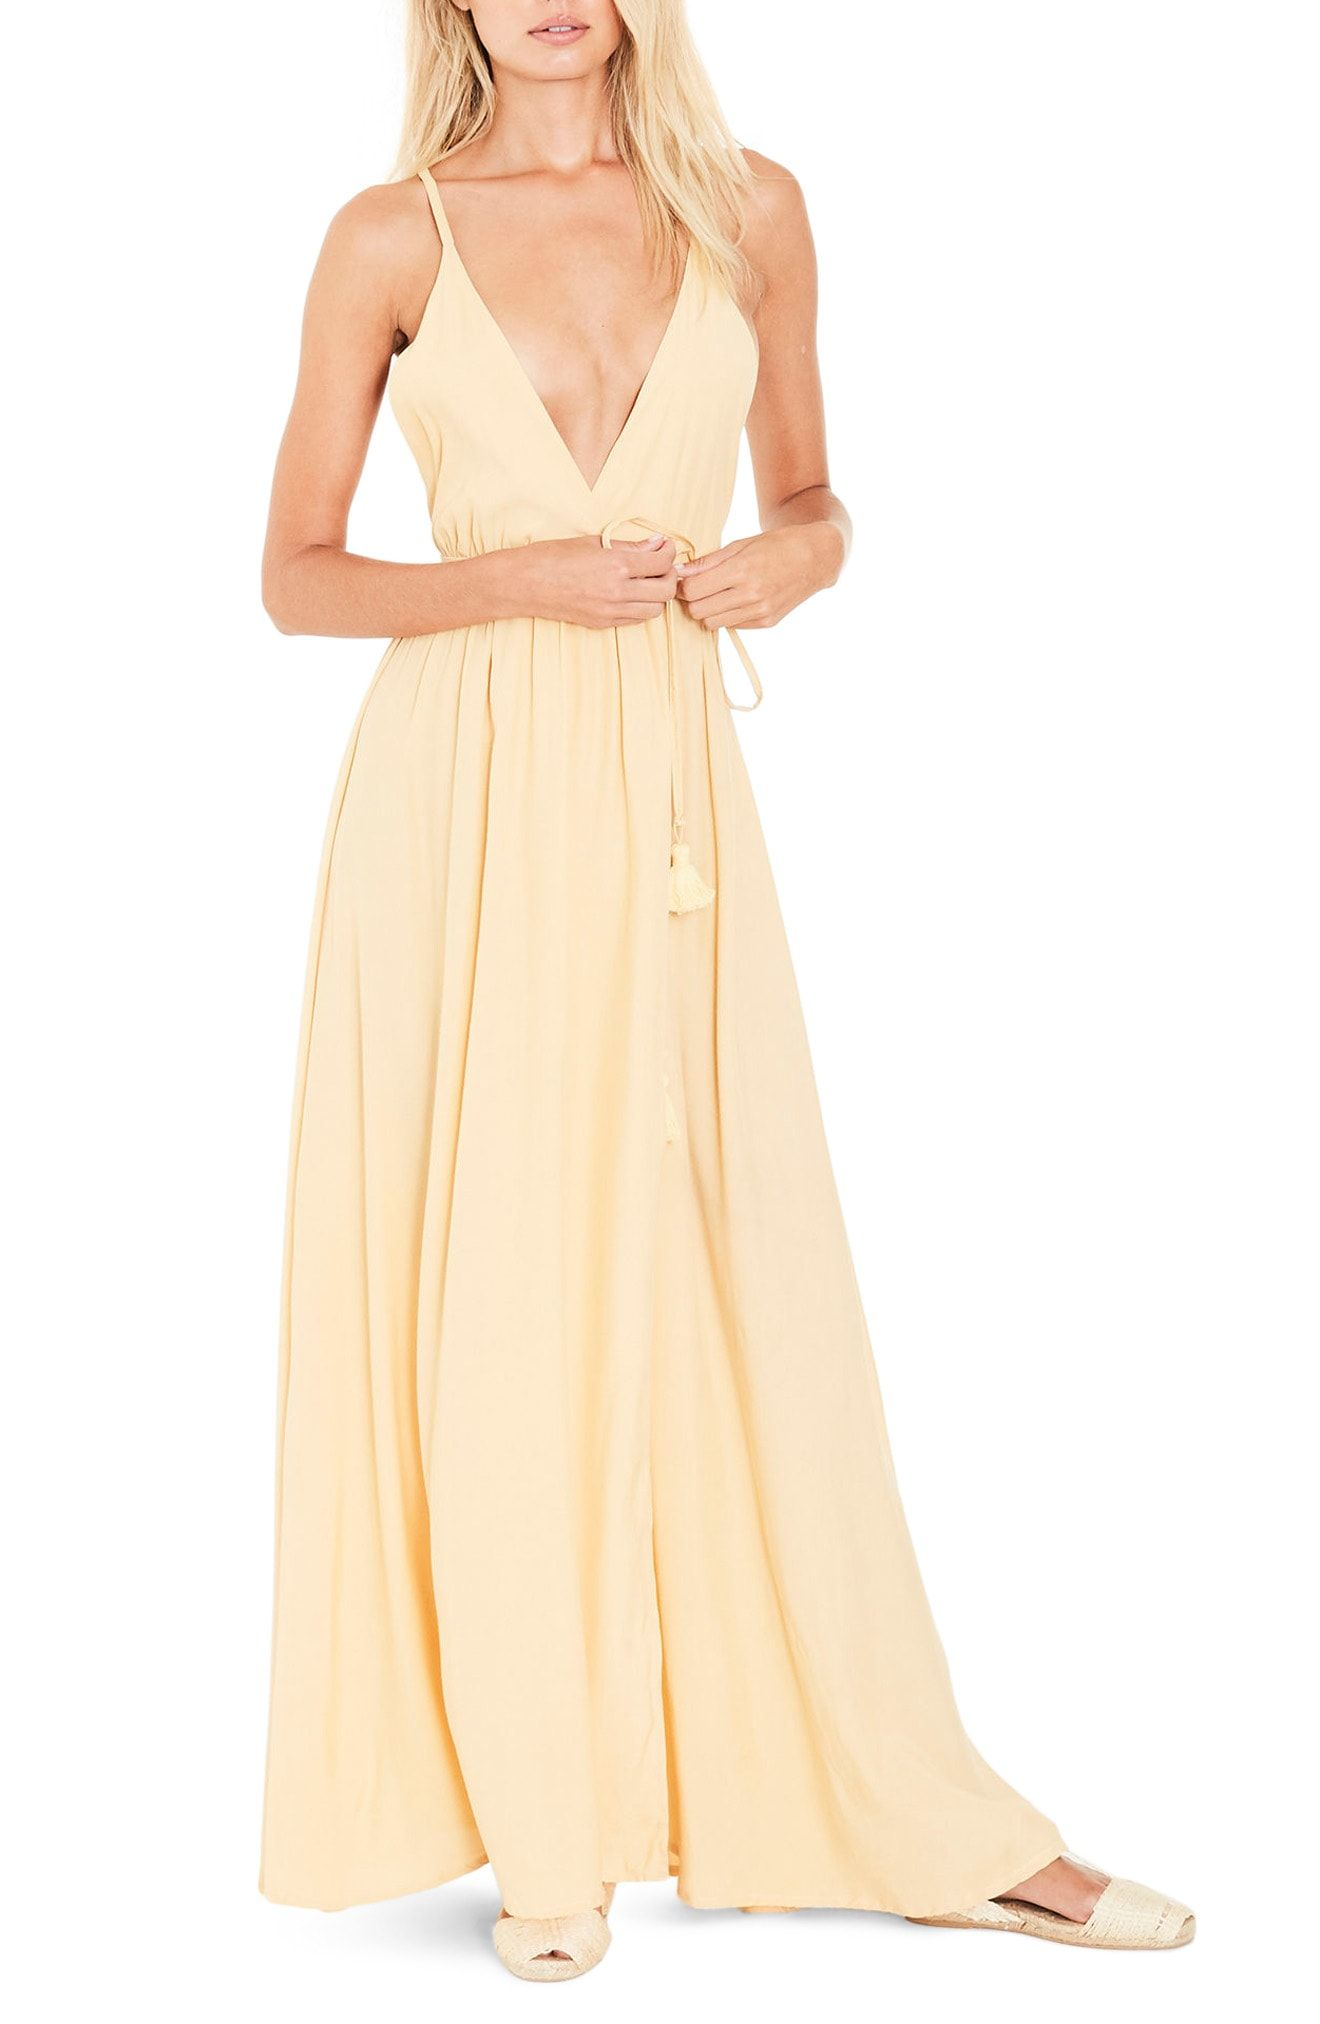 Faithfull The Brand Santa Rose Strappy Maxi Dress Maxi Dress Style Maxi Dress Dresses [ 2024 x 1320 Pixel ]